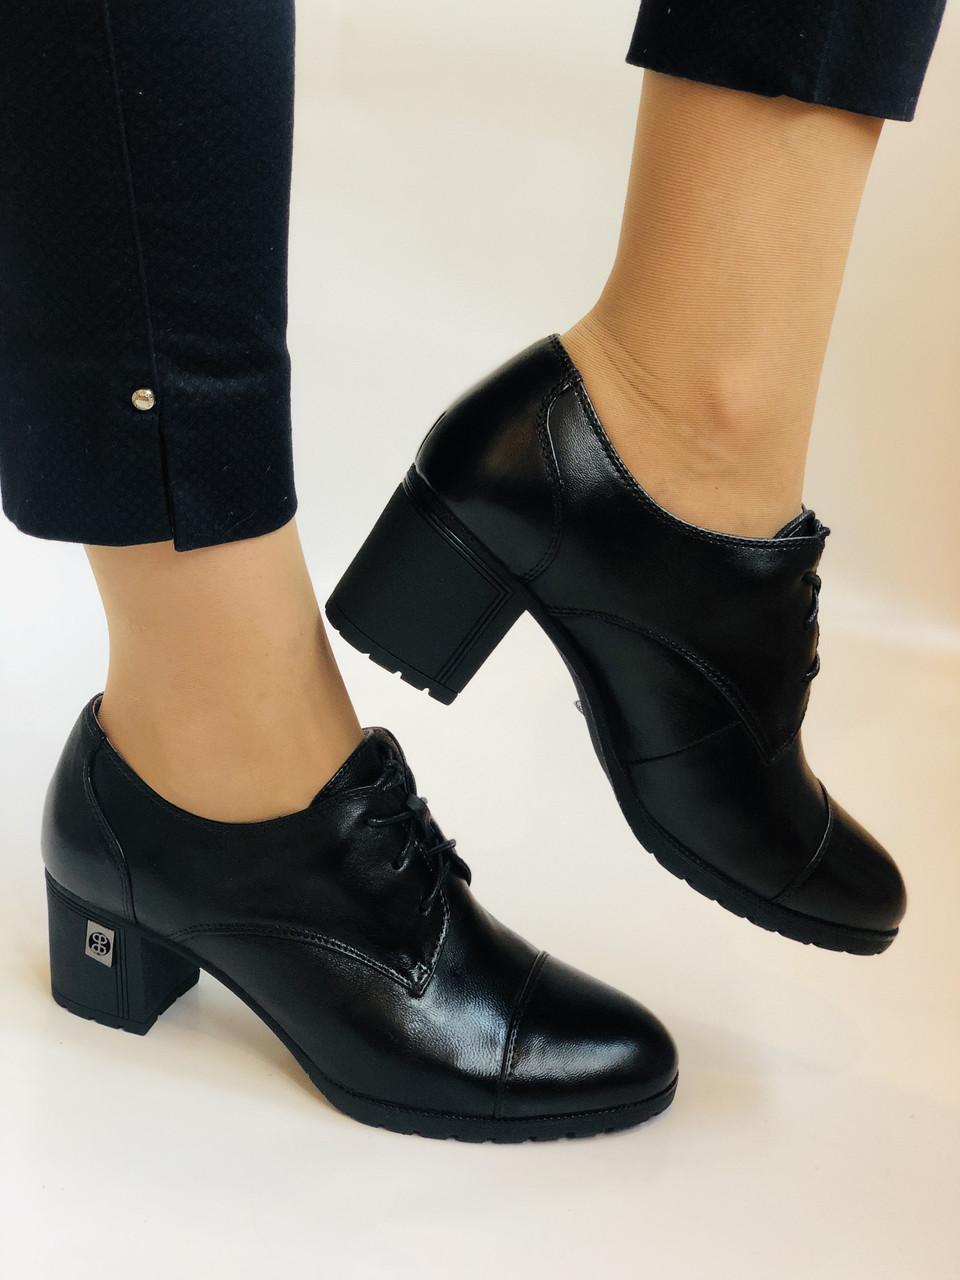 Стильні жіночі туфлі.Натуральна шкіра.Середній каблук. Polann.Р. 38,40